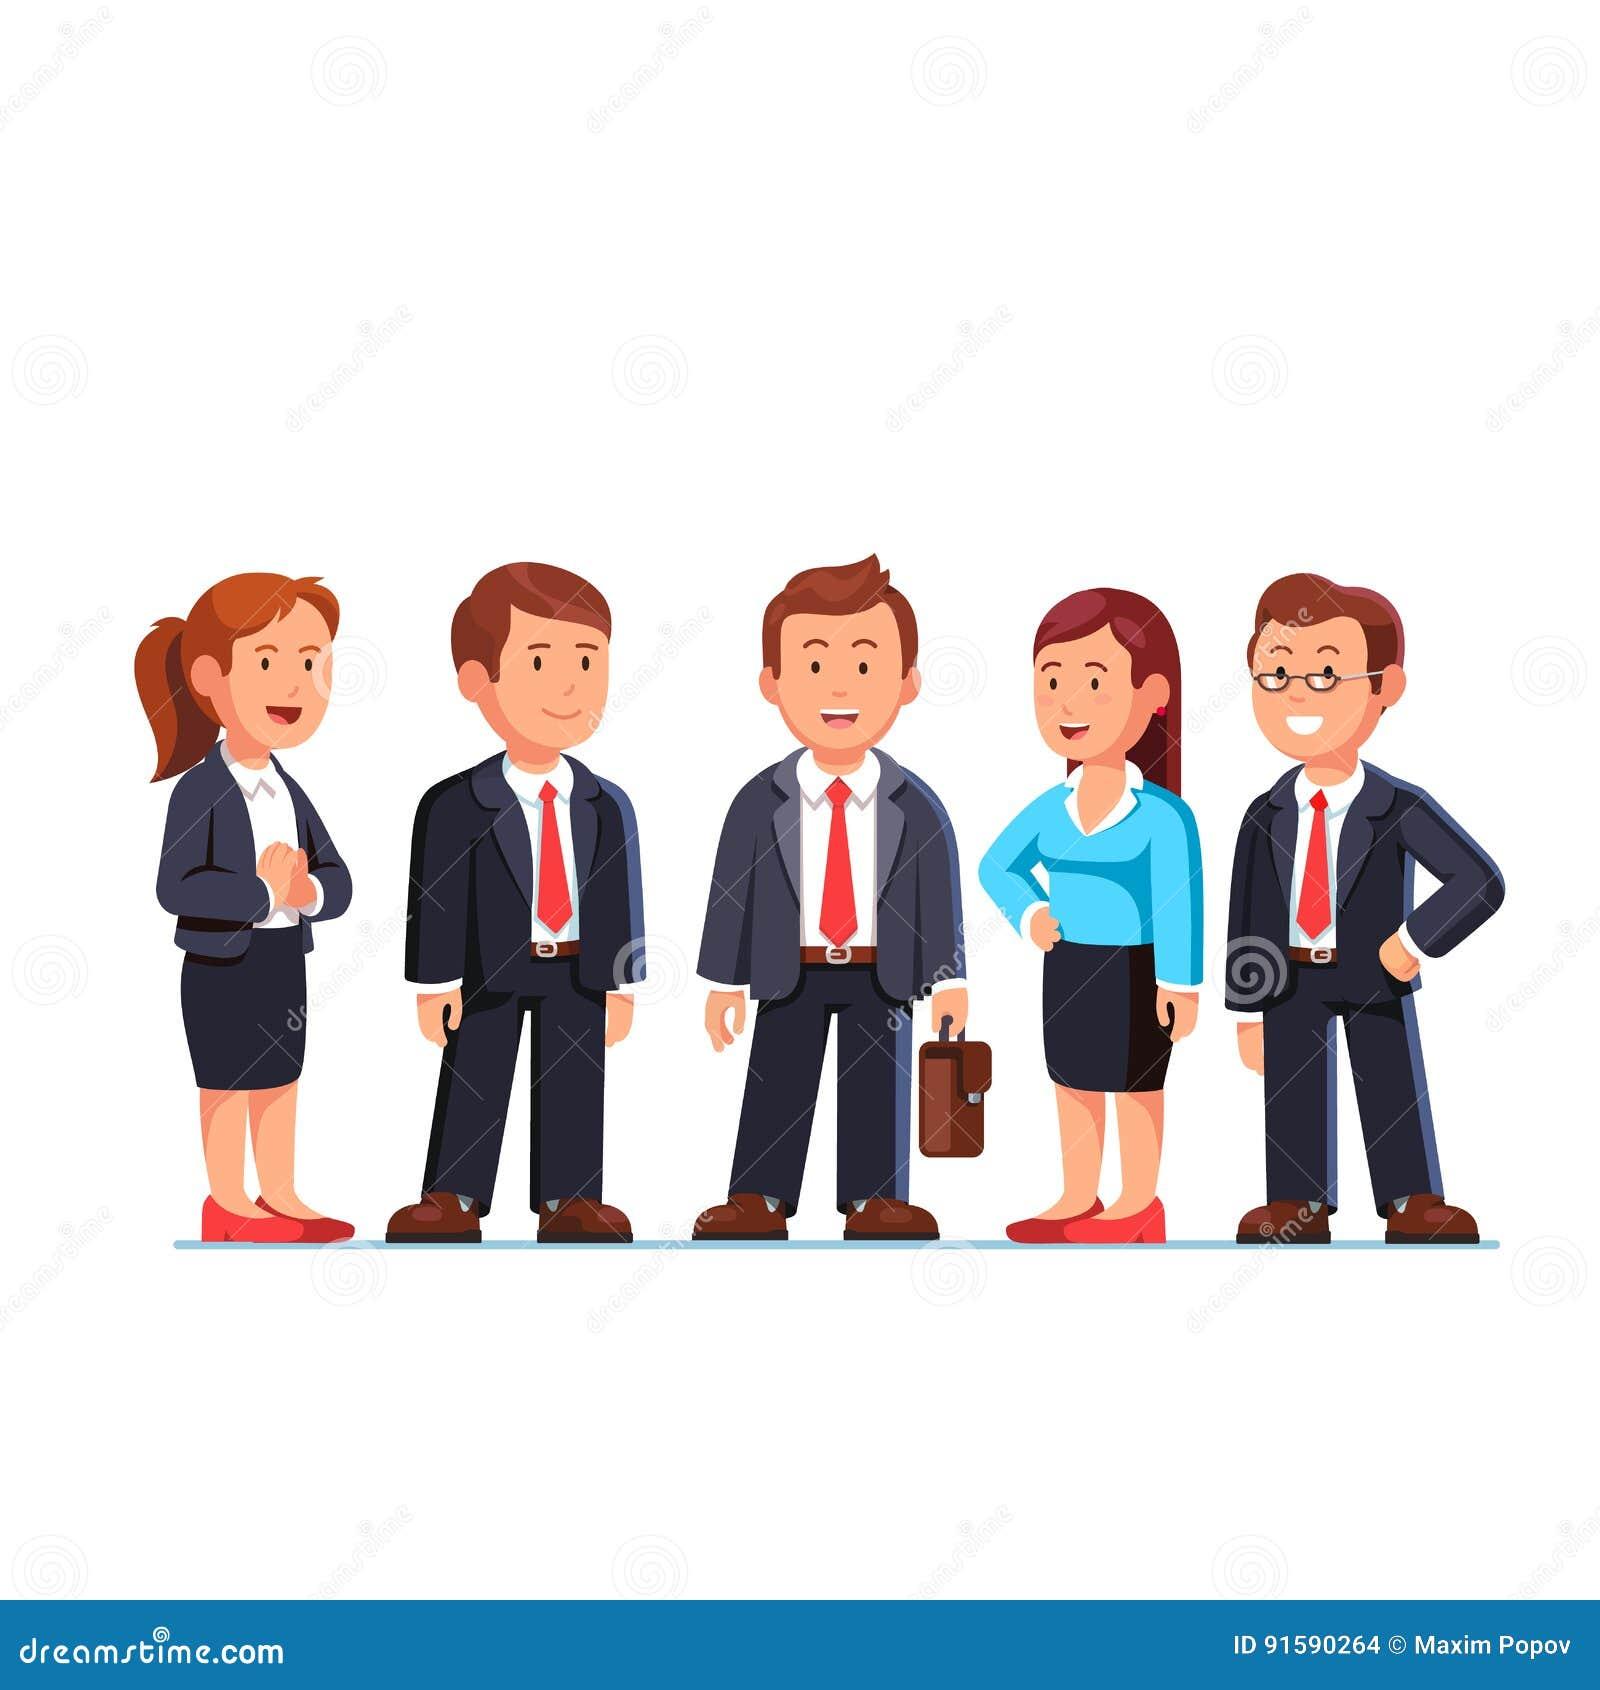 Gruppe von fünf Geschäftsleuten, die in den Klagen stehen